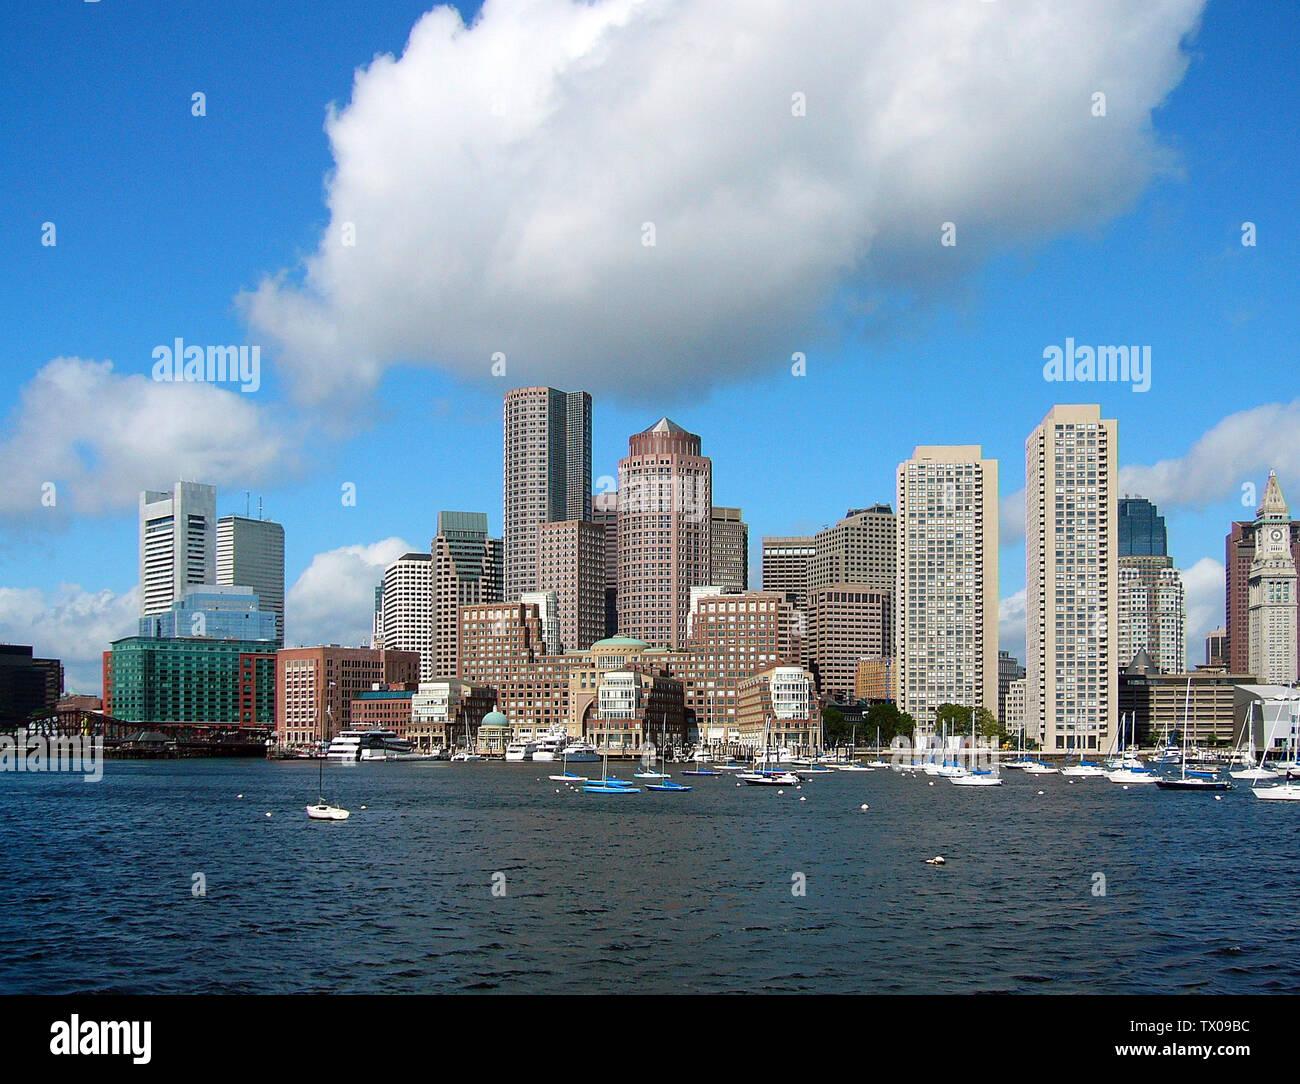 'Skyline de Boston. La imagen fue tomada desde un ferry de avistamiento de ballenas que partió desde el muelle del acuario. Es el lado oriental de la península de Boston.; 27 de junio de 2006; el propio trabajo; Nelson48 en la Wikipedia en inglés; ' Imagen De Stock